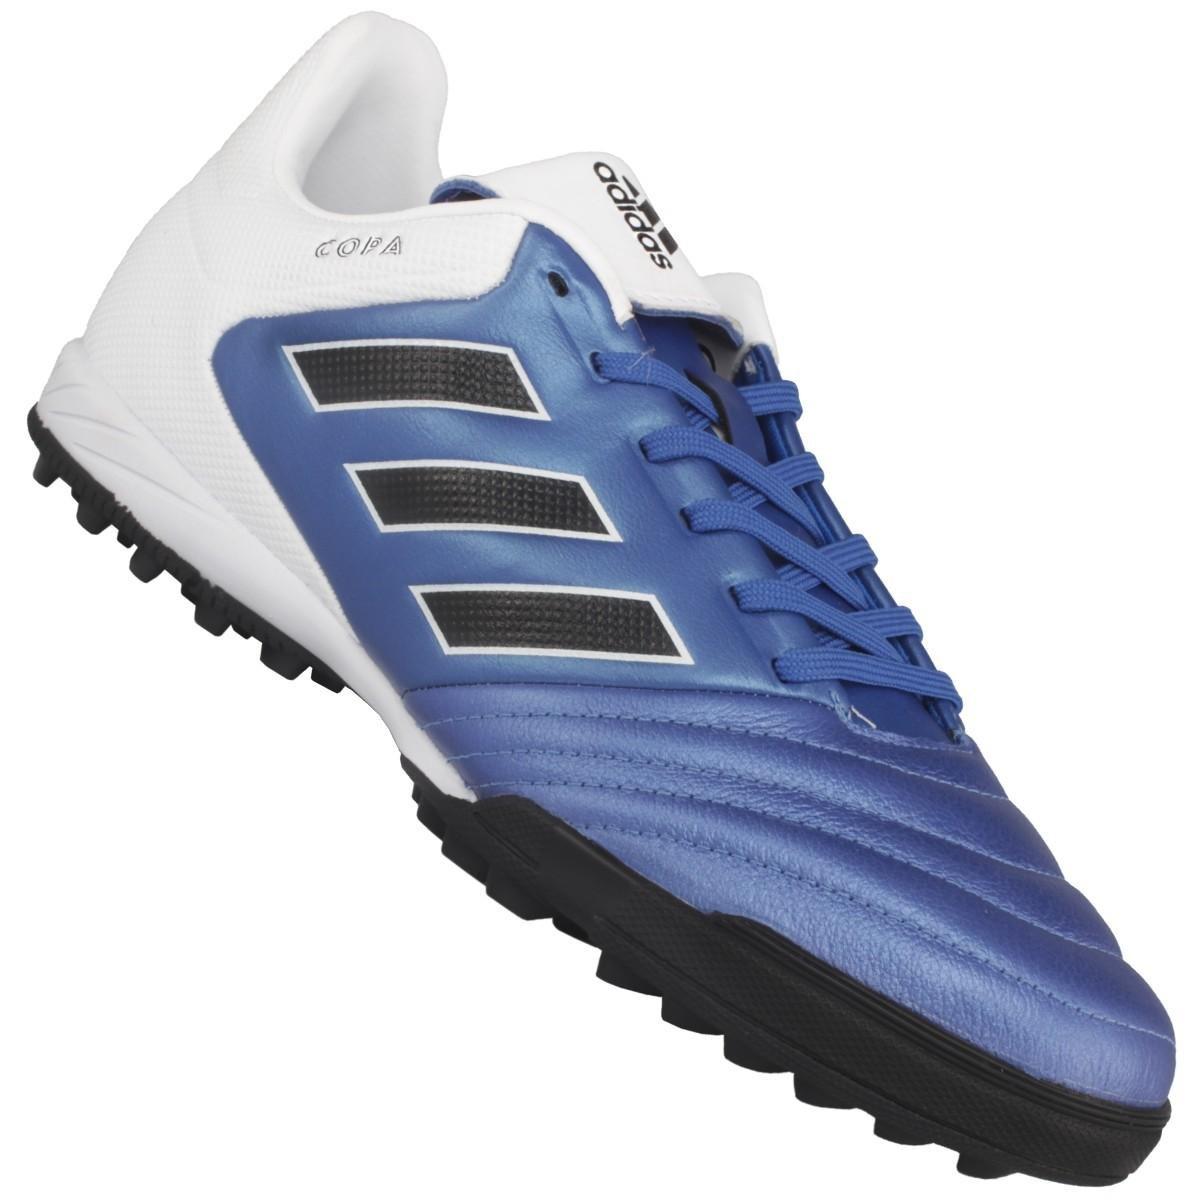 Chuteira Adidas Copa 17 TF - Compre Agora  64a5f35326024